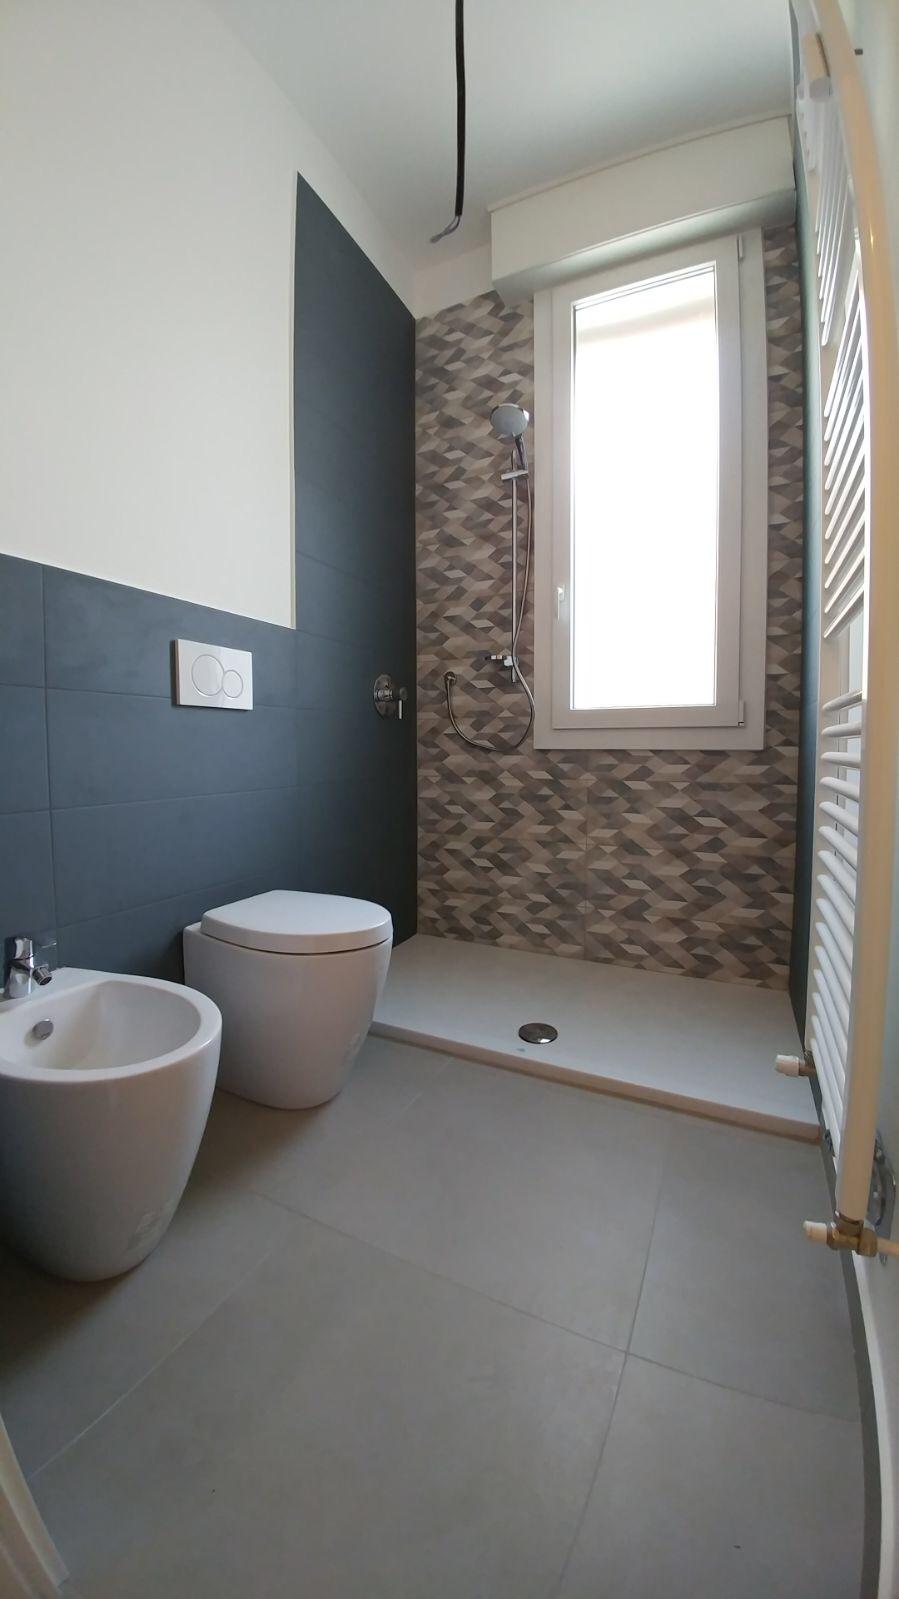 Doccia sotto la finestra finest doccia sotto finestra con - Metratura minima bagno ...